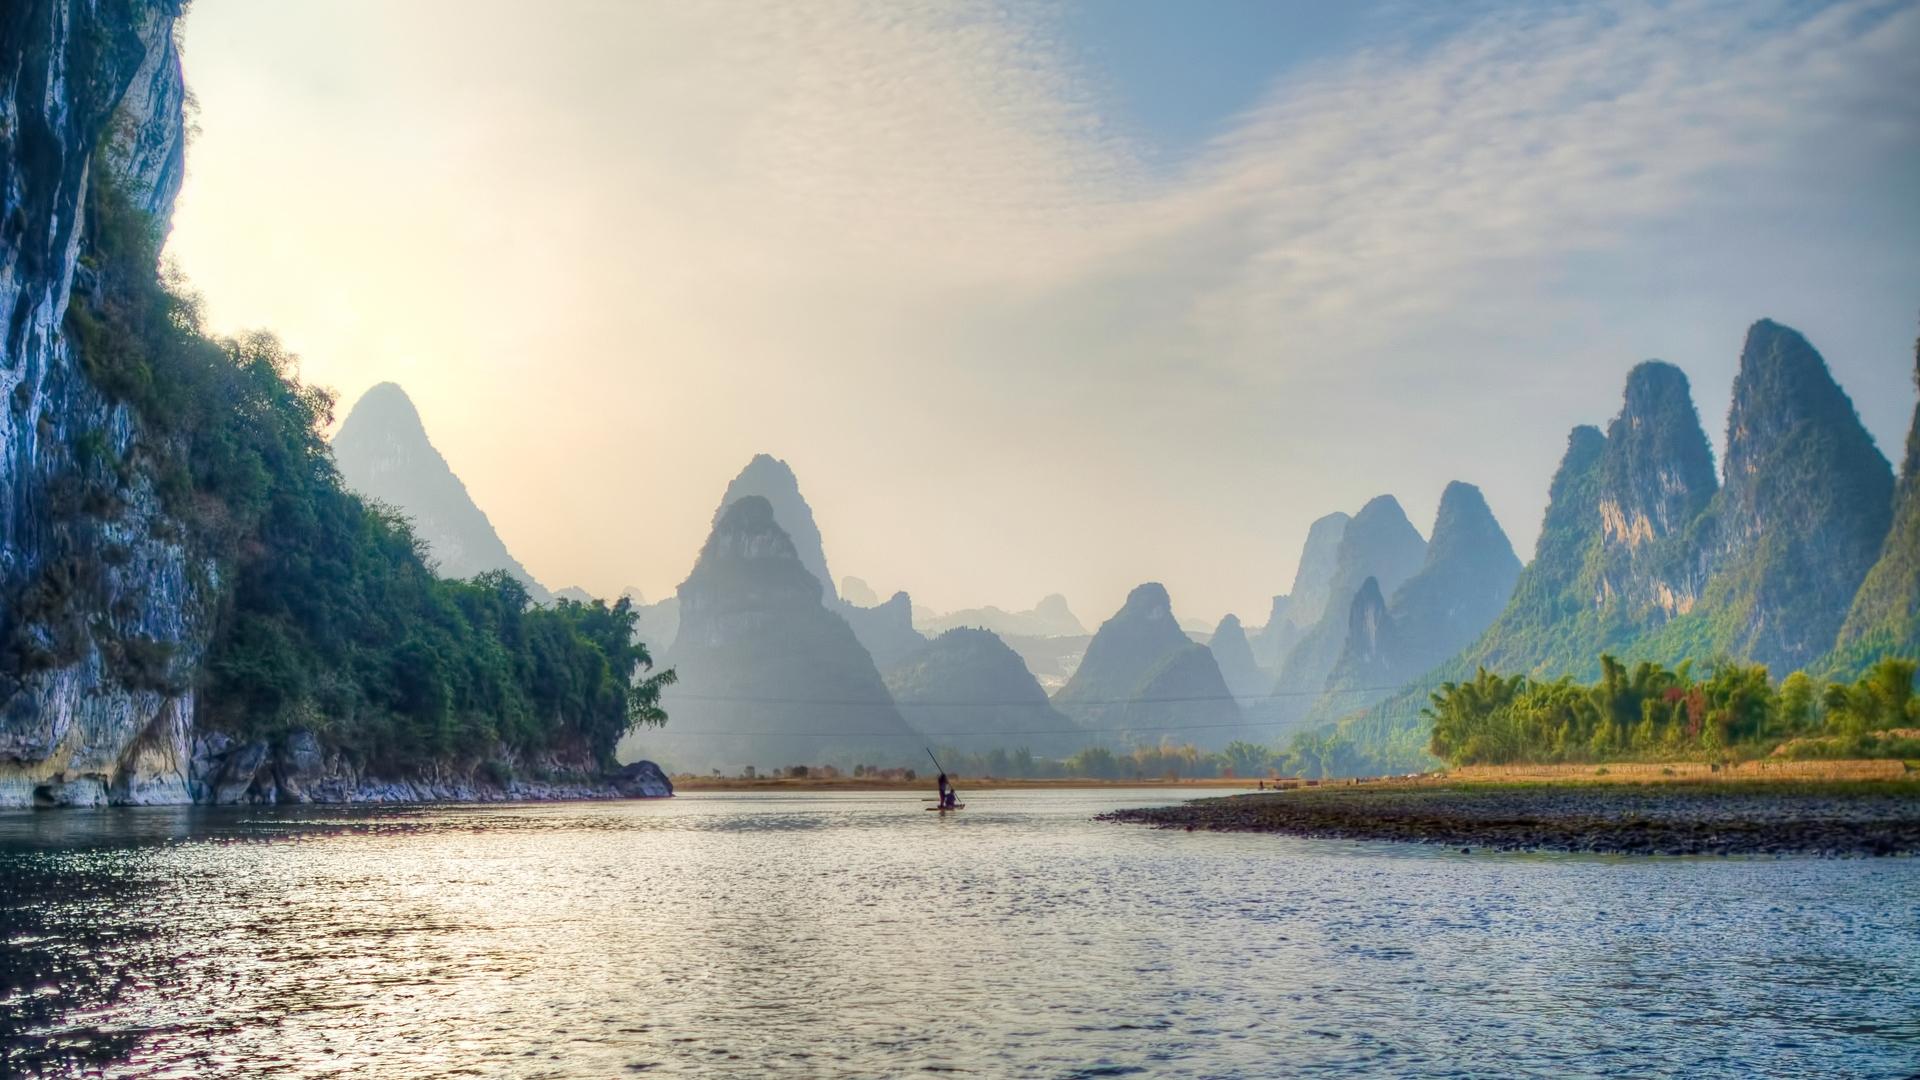 тайланд, река, лодка